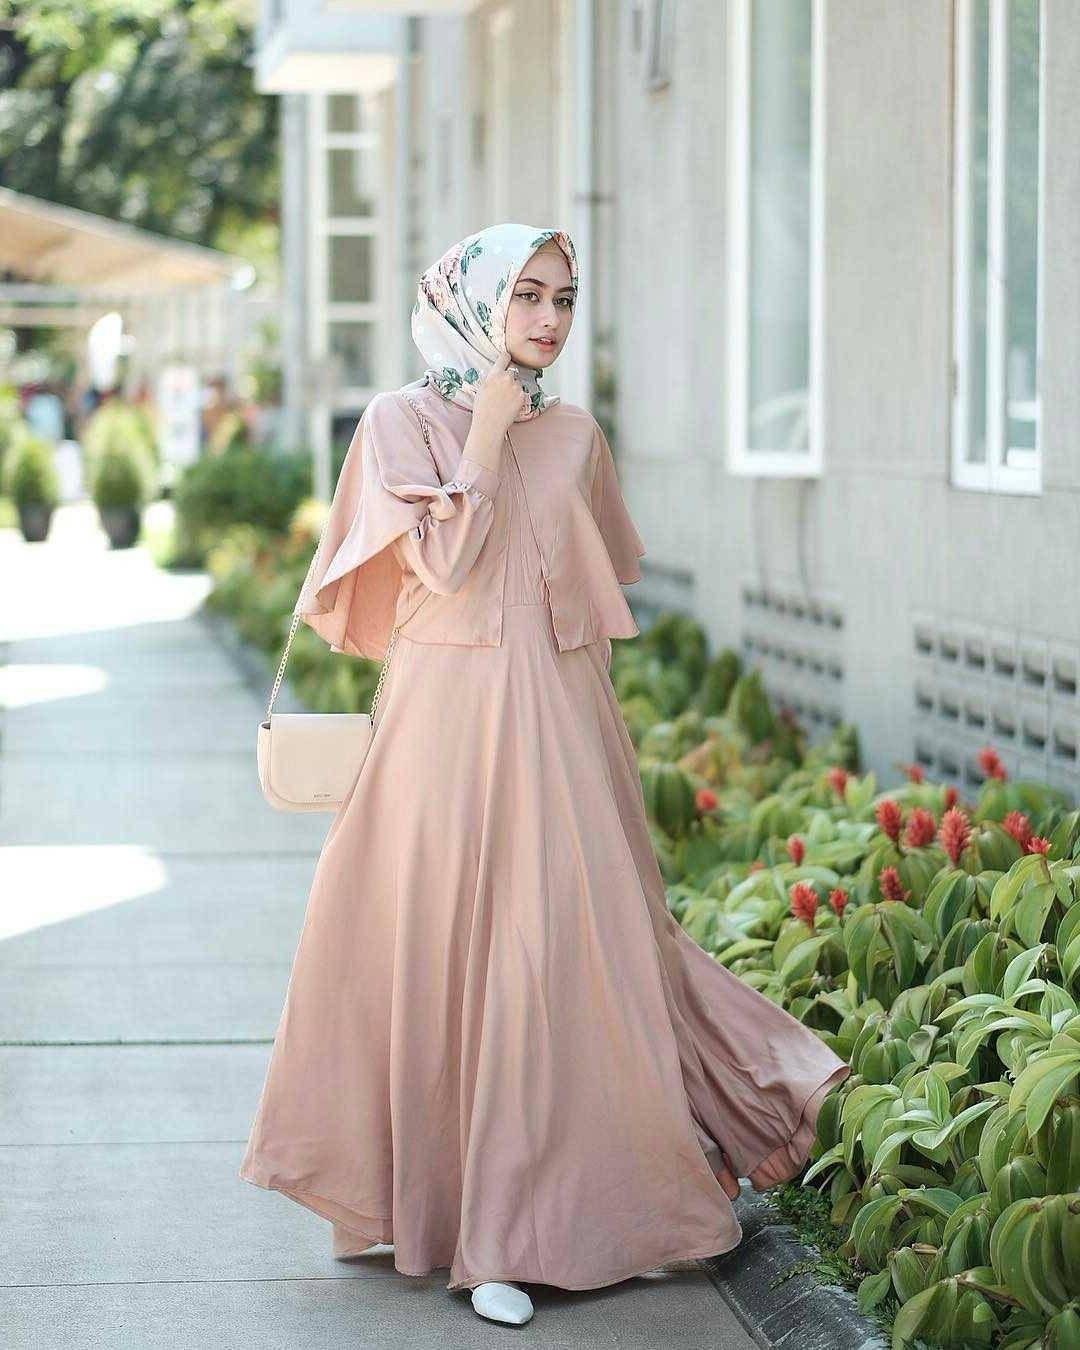 Ide Foto Baju Lebaran Terbaru Nkde 21 Model Gamis Lebaran 2018 Desain Elegan Casual Dan Modern